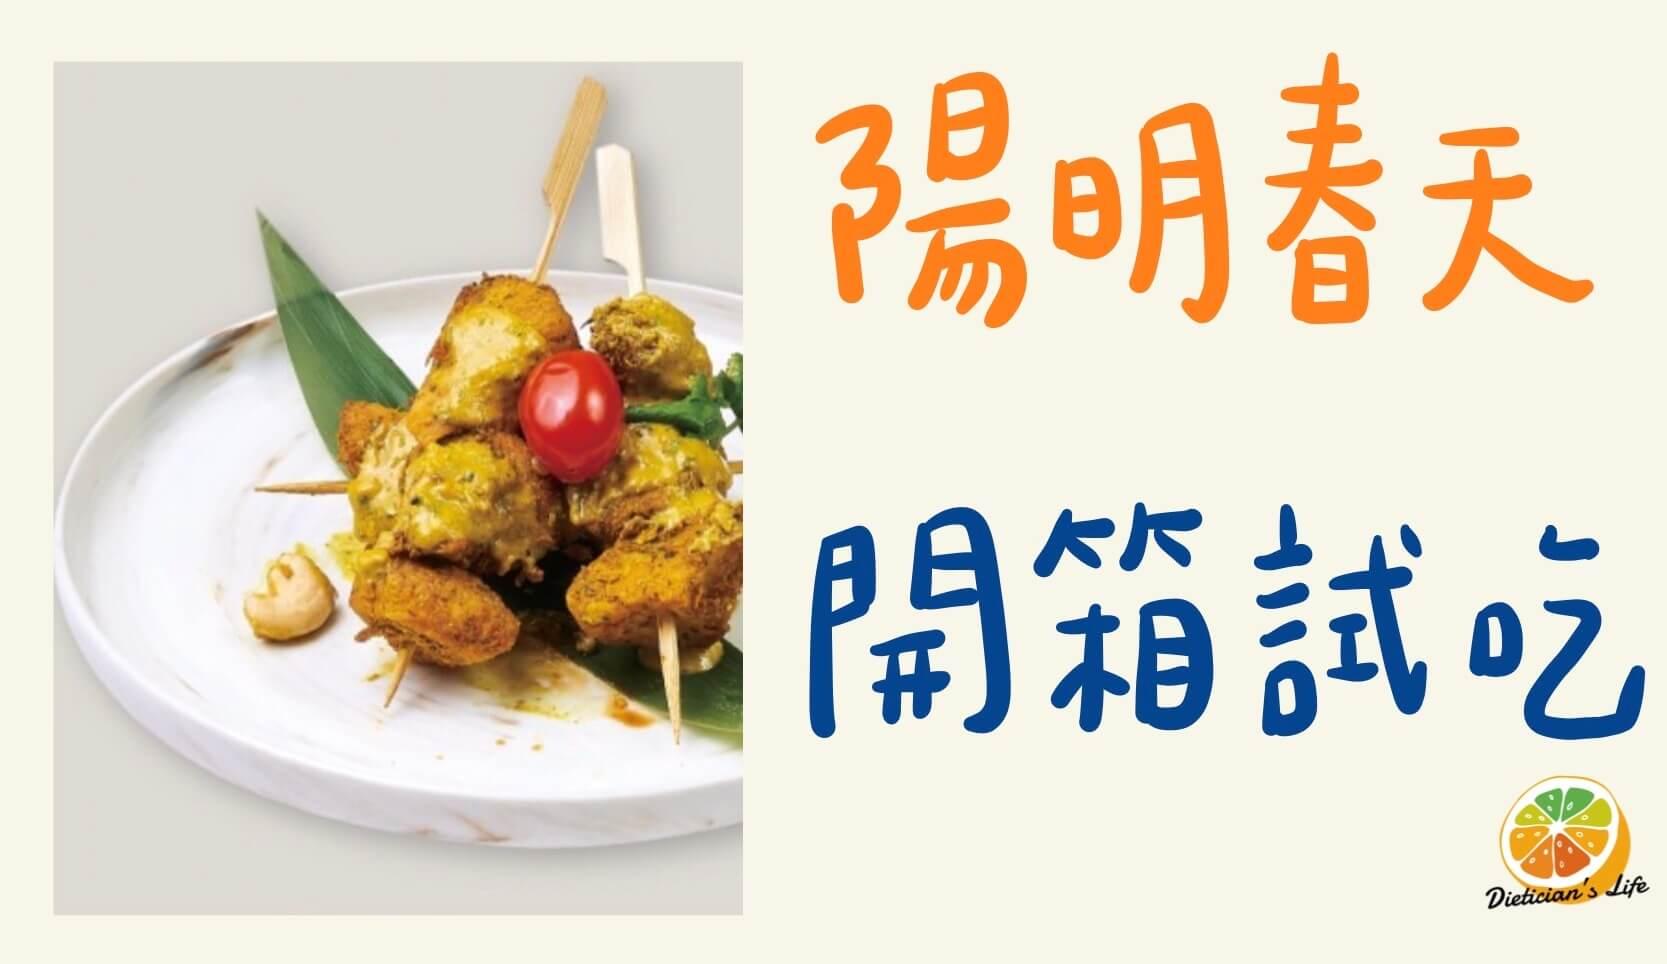 【開箱】陽明春天|主廚料理在家煮!南洋叻沙湯、沙爹猴菇串、何首烏湯、XO醬